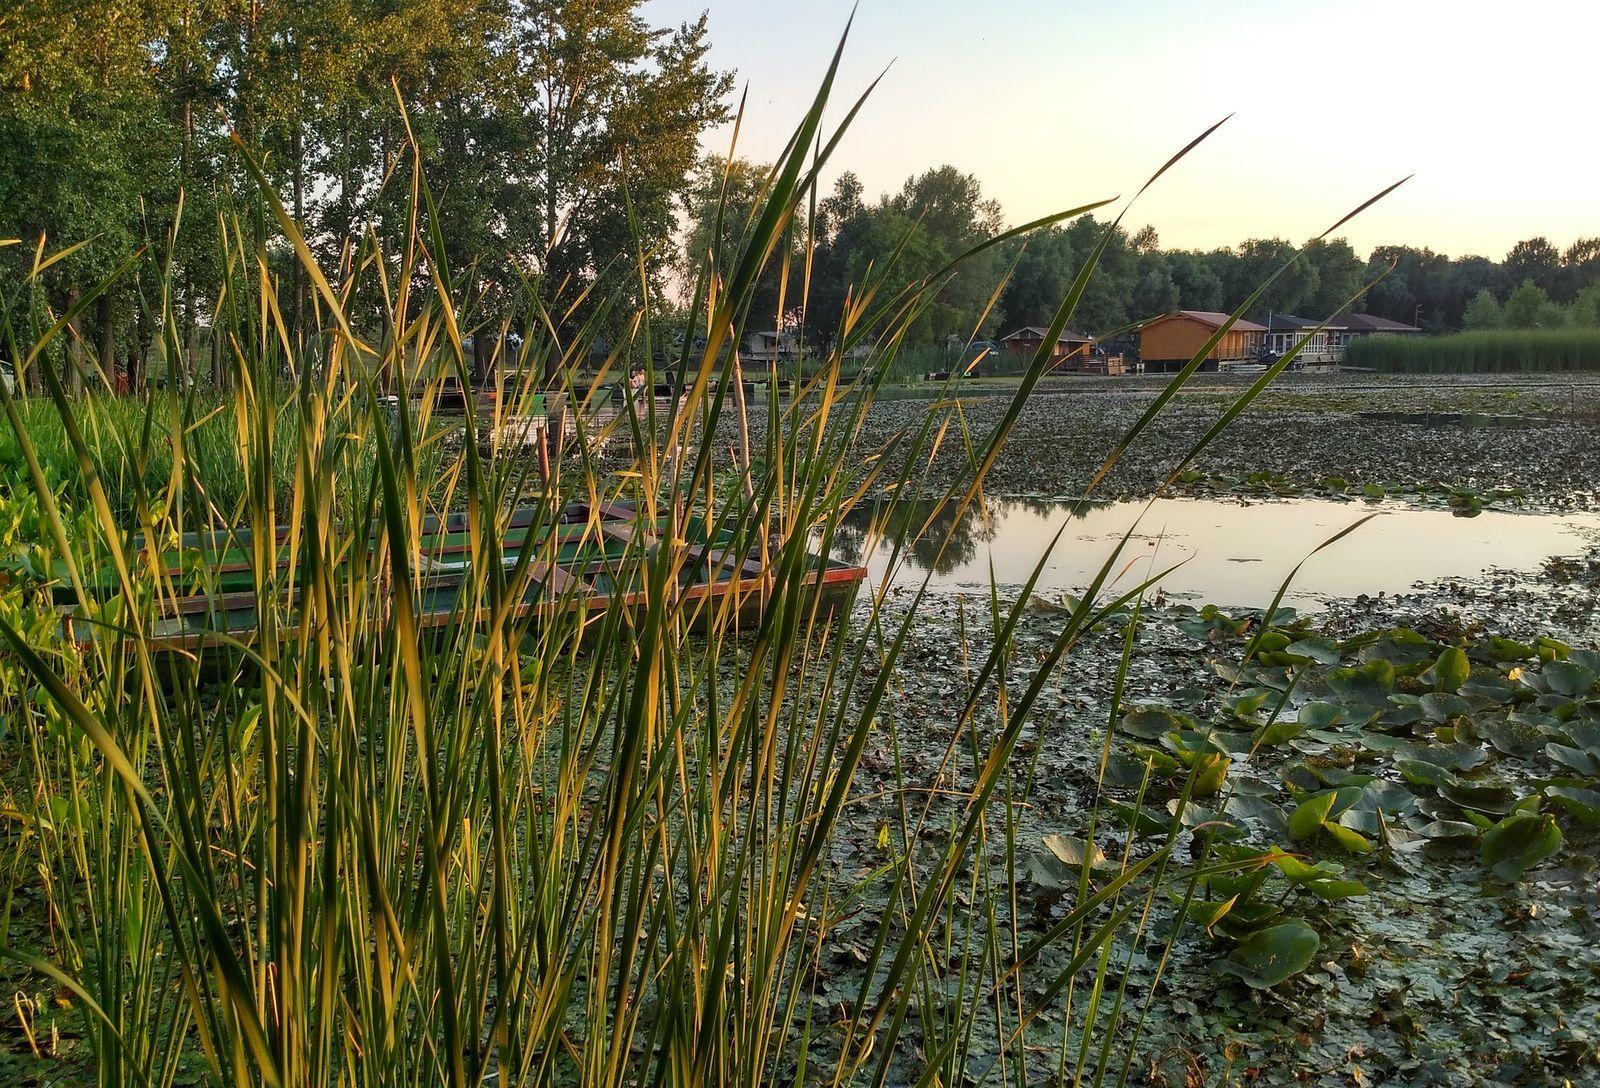 60cacb8f73 A biztonságos üzemeltetés és az árvízvédelem miatt csökkenti a Tisza-tó  szintjét az üzemeltető Közép-Tisza-vidéki Vízügyi Igazgatóság (Kötivizig).